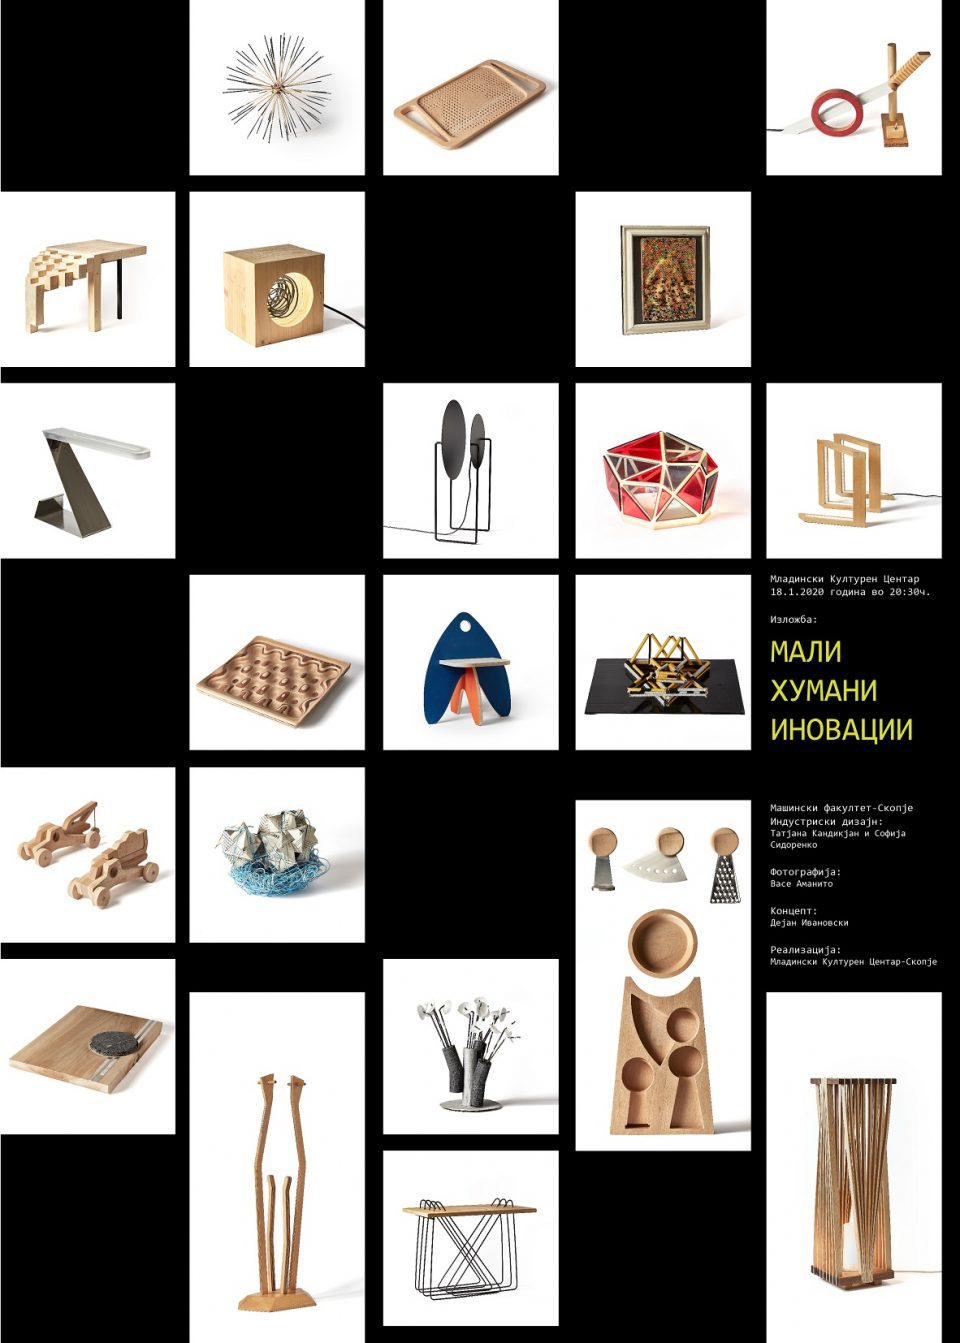 """""""Мали хумани иновации"""", изложба на студентите од насоката Индустриски дизајн на Машинскиот факултет во Скопје"""